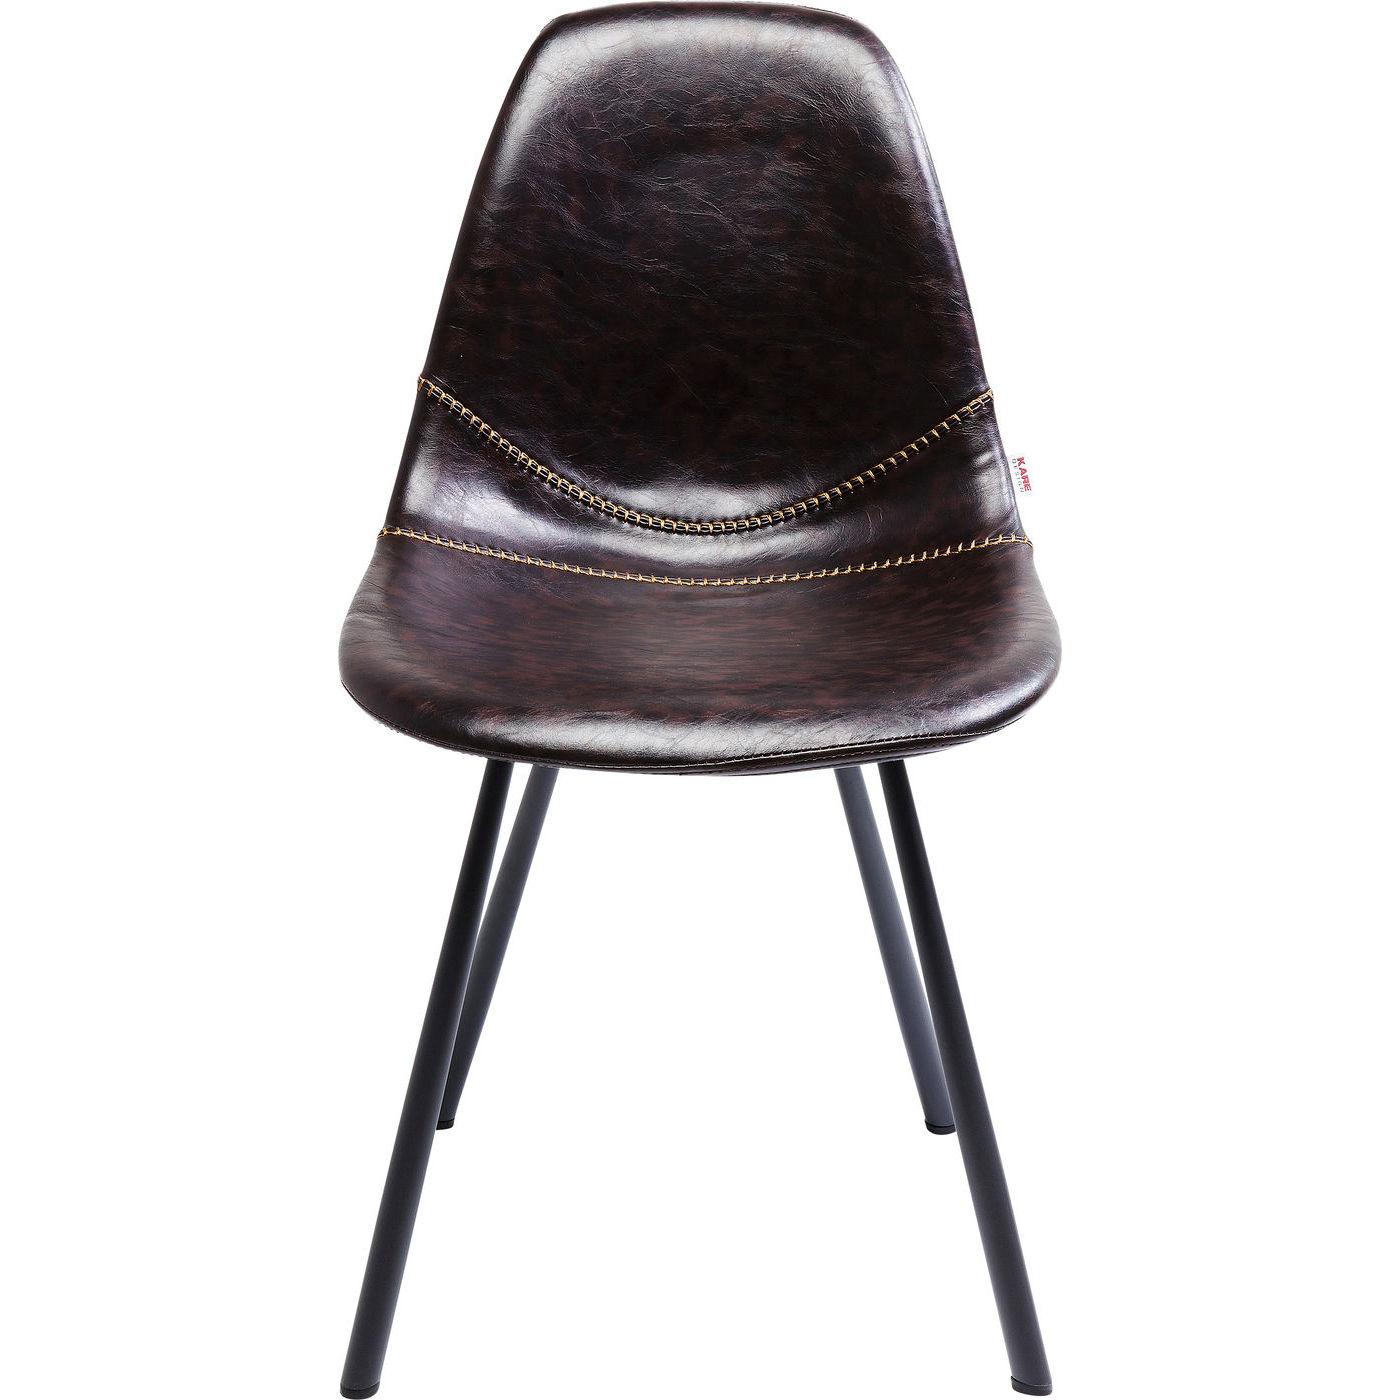 Kare design lounge brown spisebordsstol - brunt læderlook/stålben fra kare design fra boboonline.dk